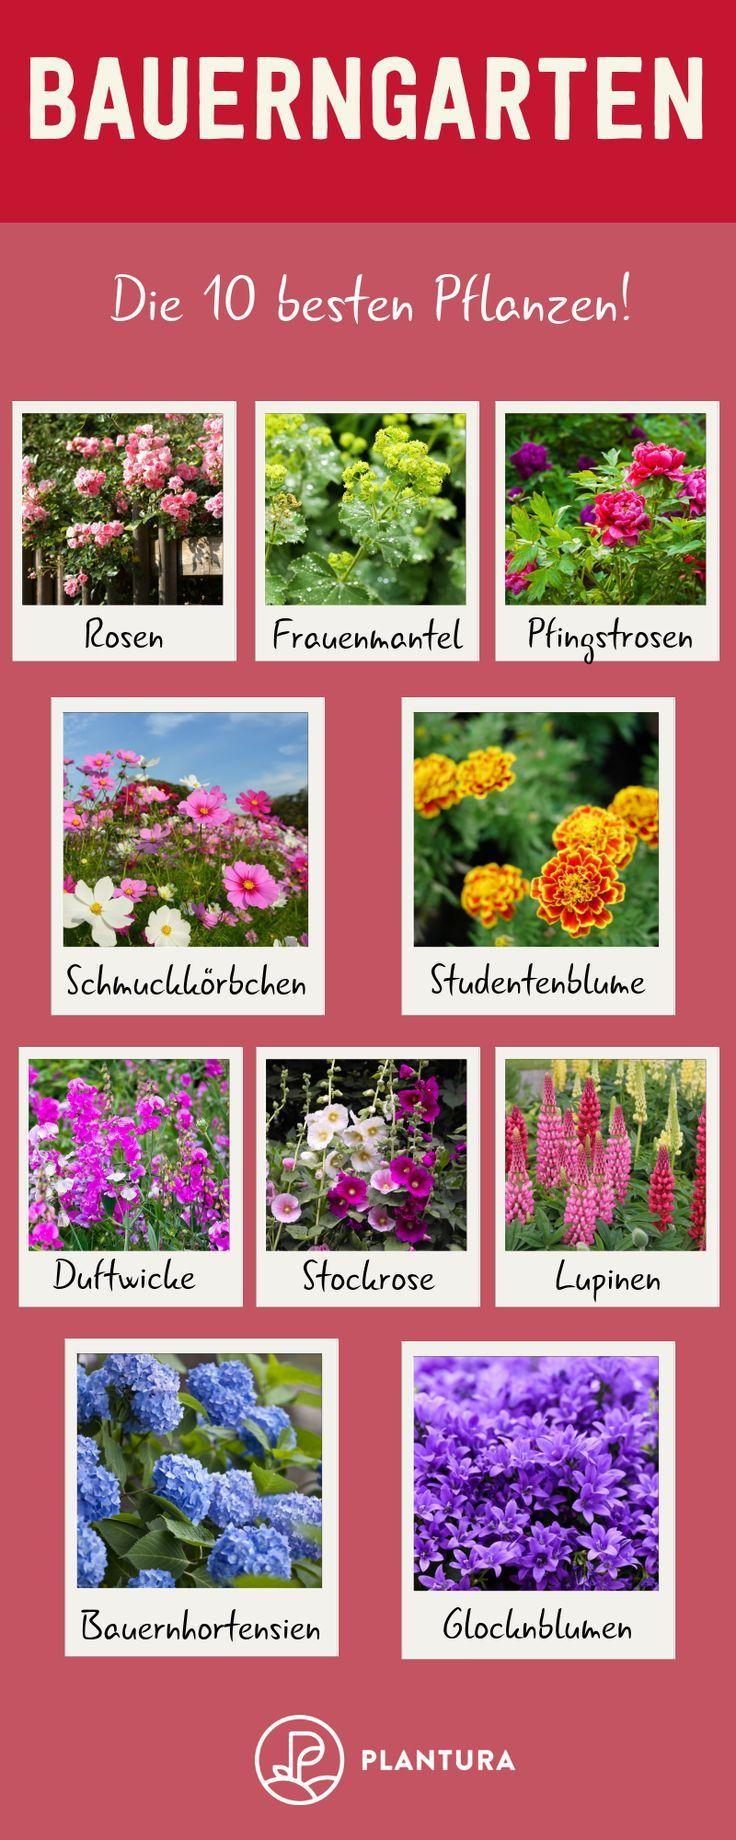 Bauerngarten: Die besten Pflanzen & Tipps zum Anlegen - Plantura